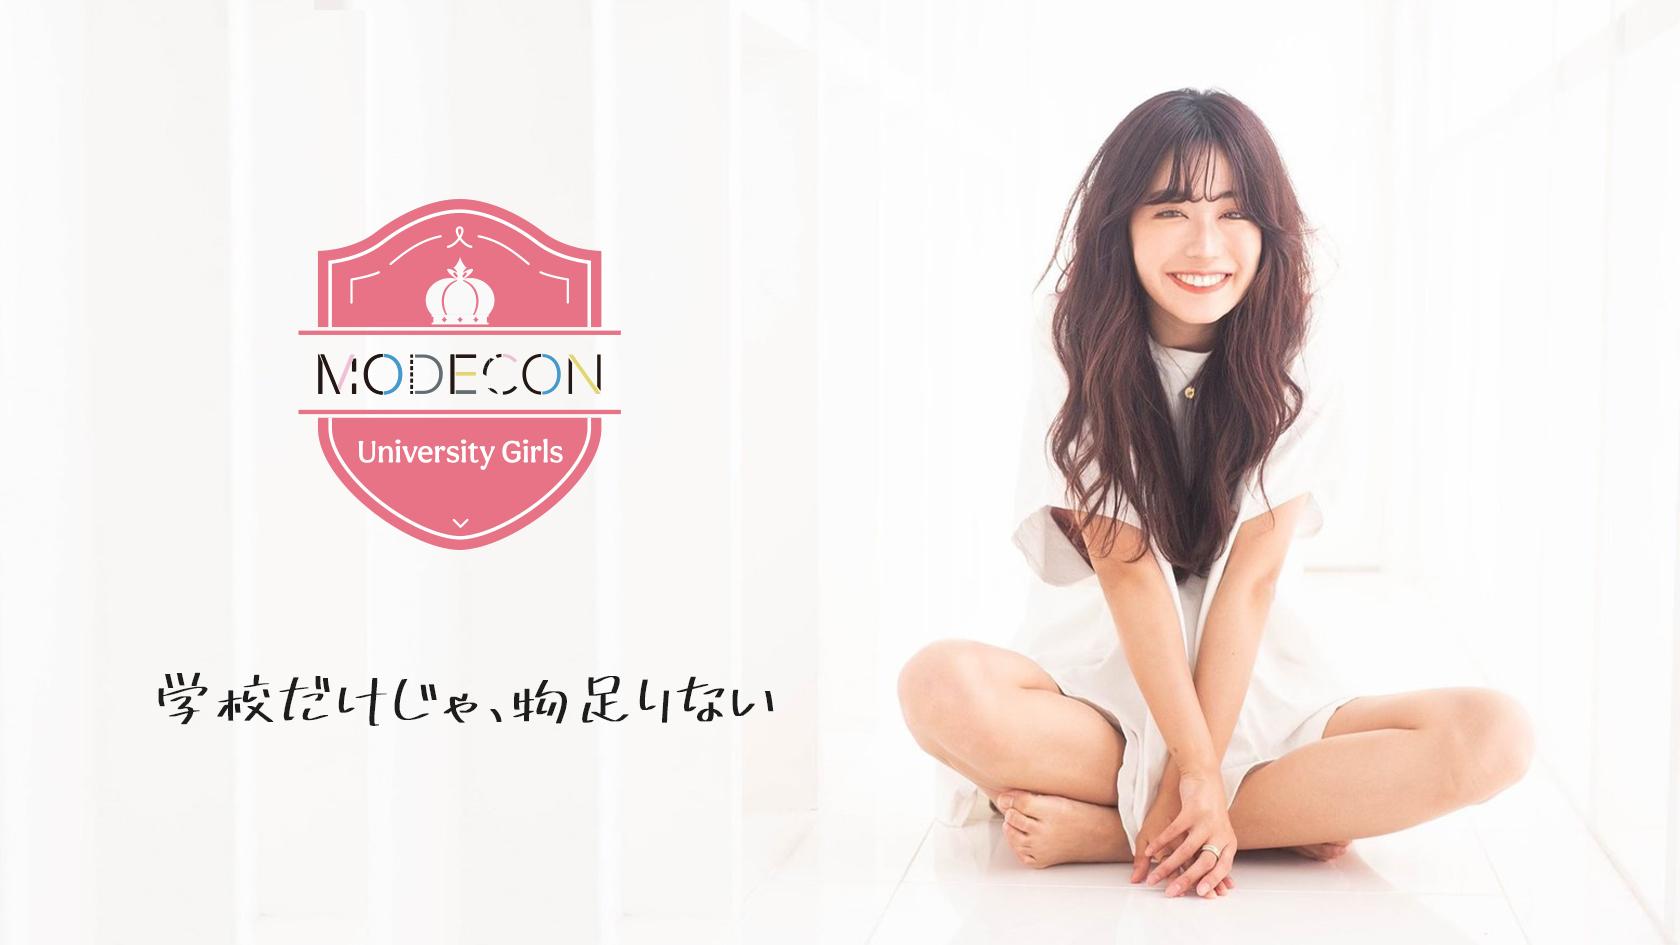 MODECON Universityメイン画像